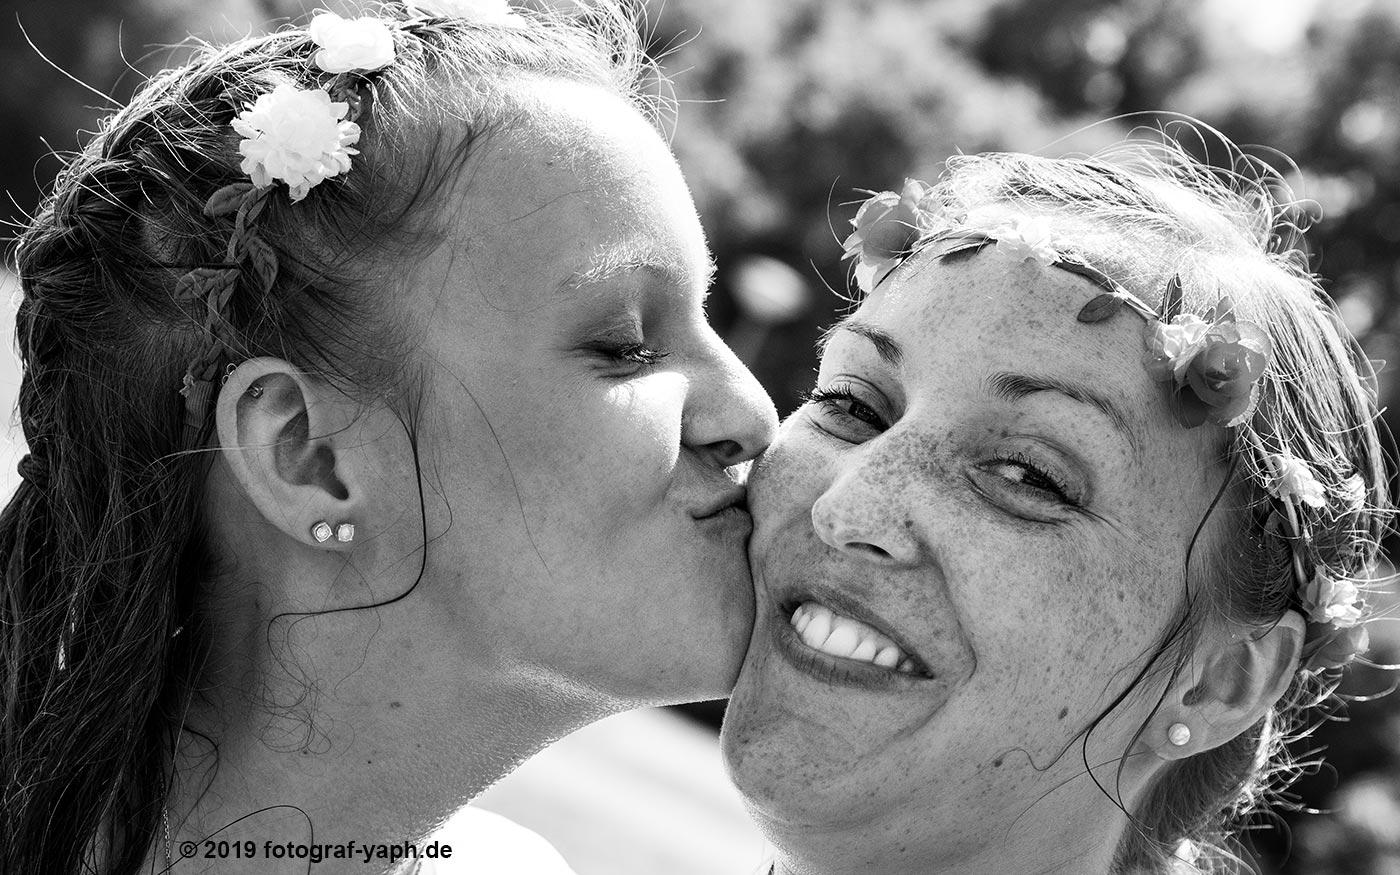 Fotografie für die Feier Junggesellenabschied von Jana in Trier und Luxemburg